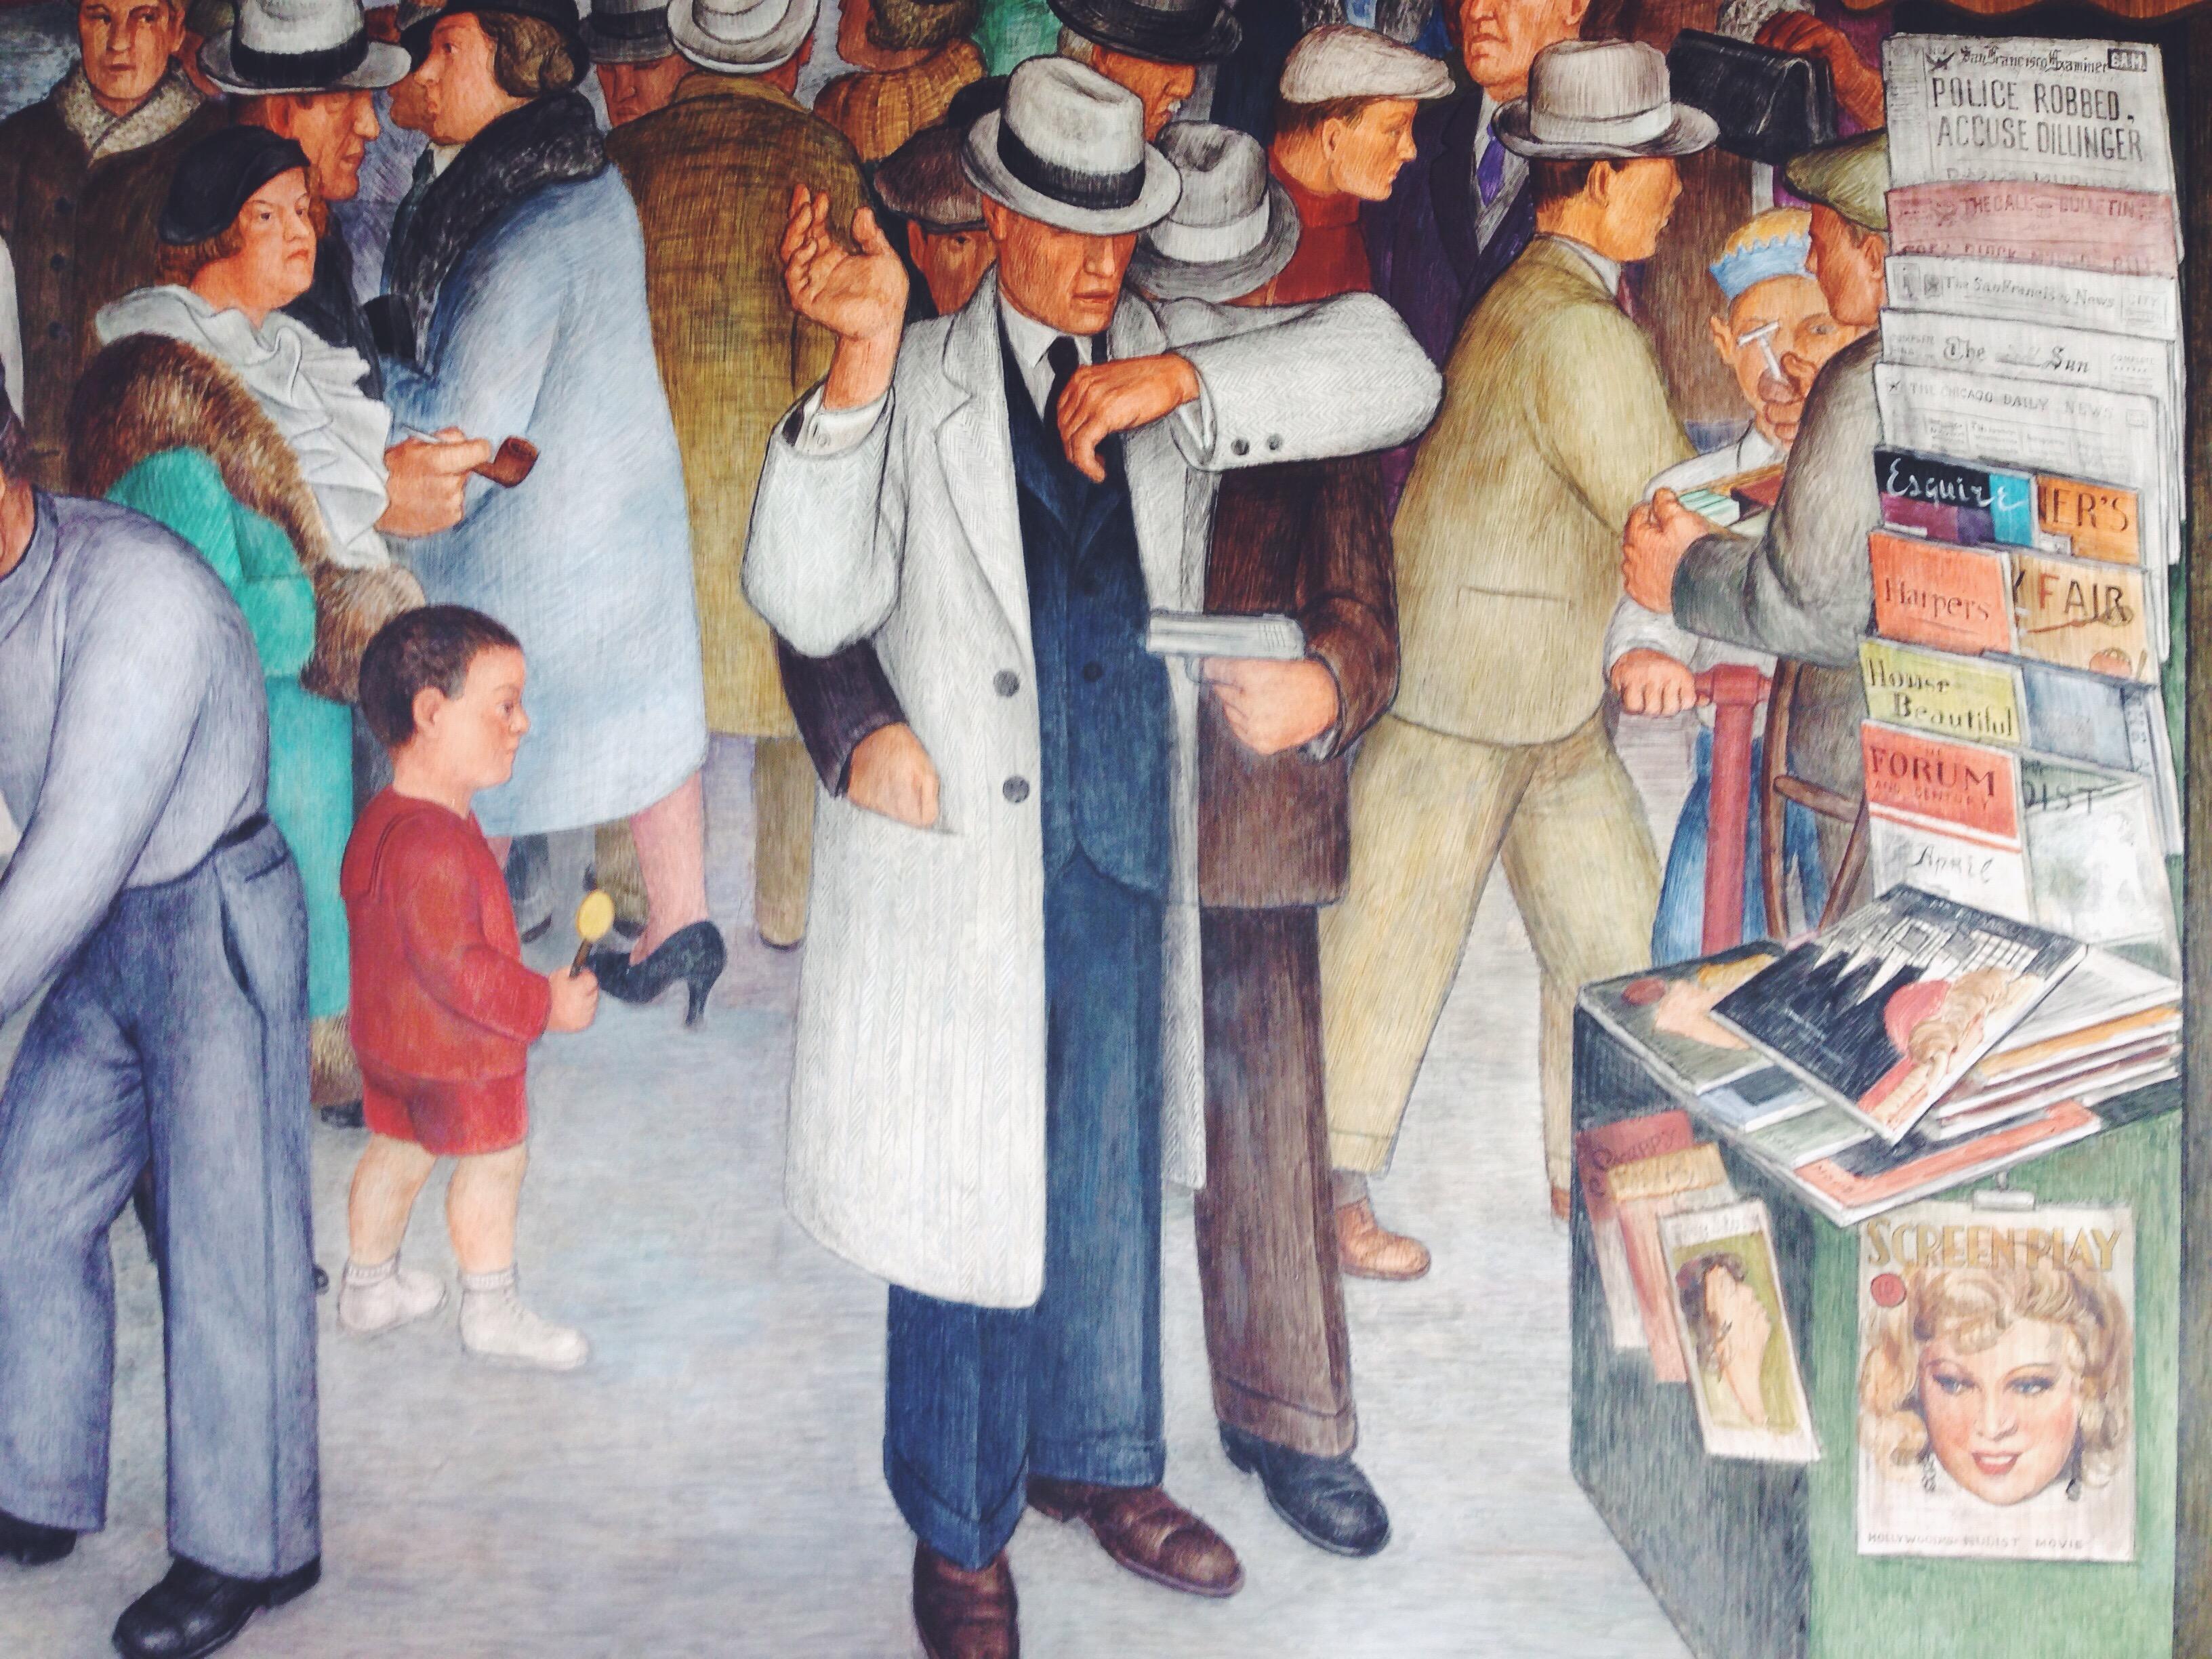 I dipinti murali della Coit Tower